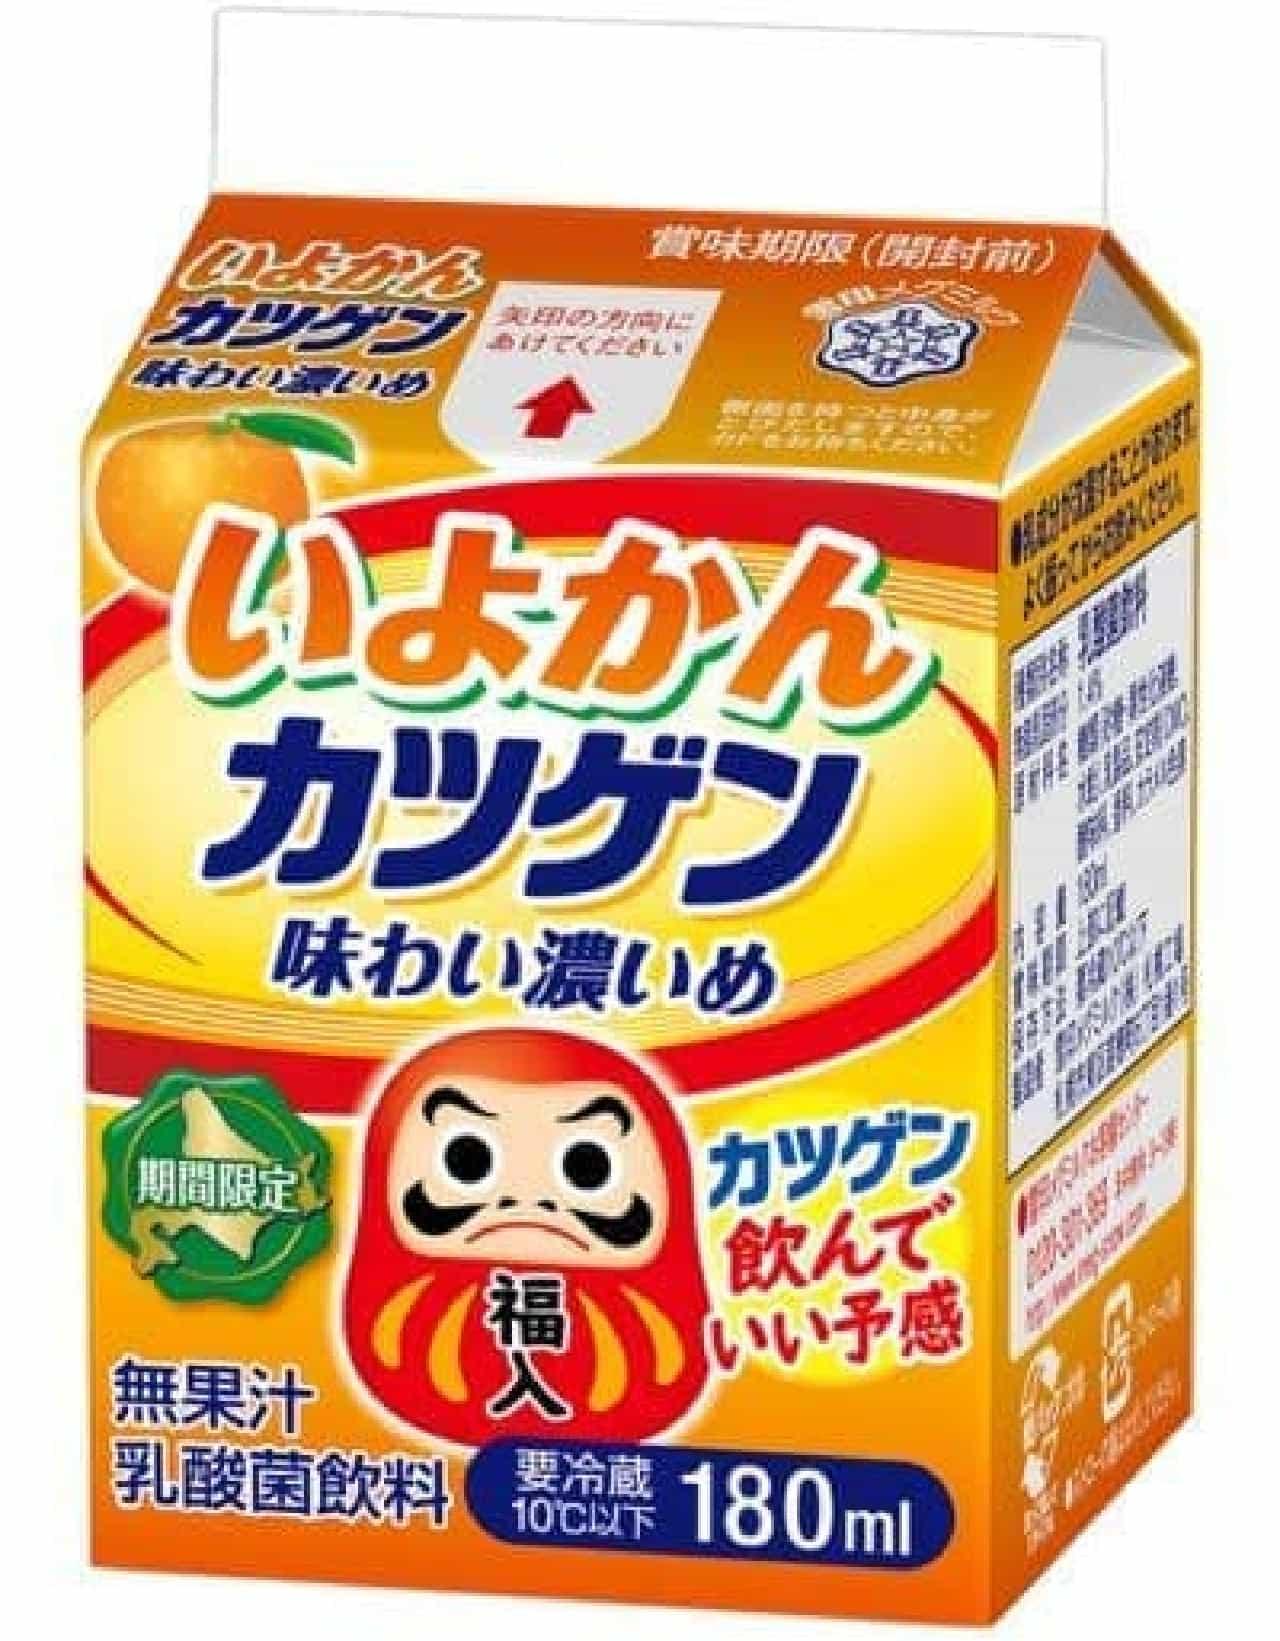 雪印メグミルクから、「いよかんカツゲン味わい濃いめ(180ml)」